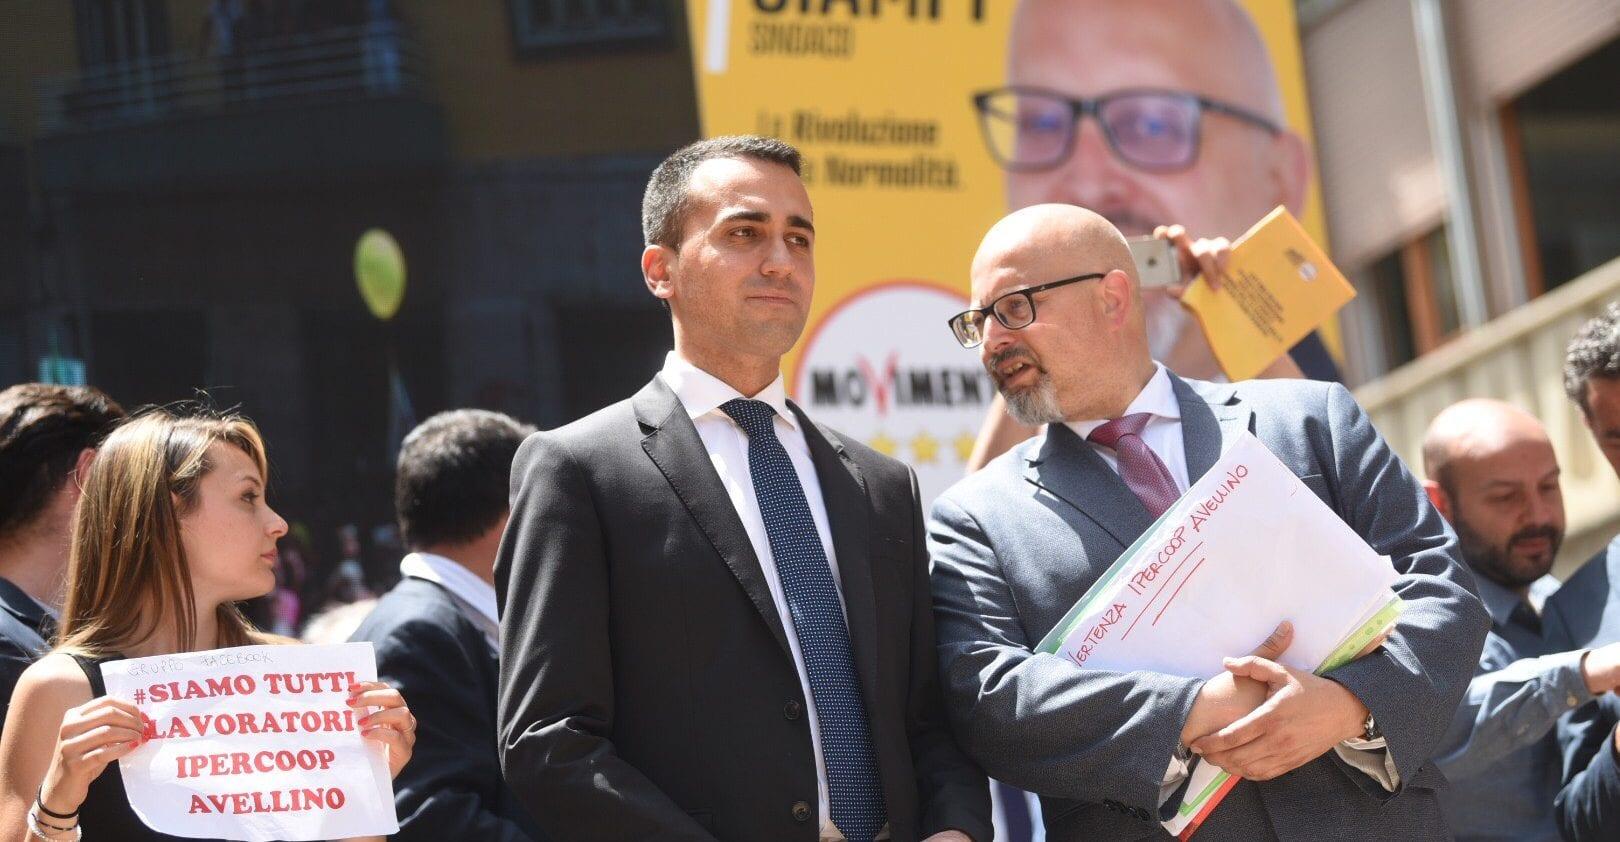 Comune di Avellino, sfiduciato il sindaco Vincenzo Ciampi